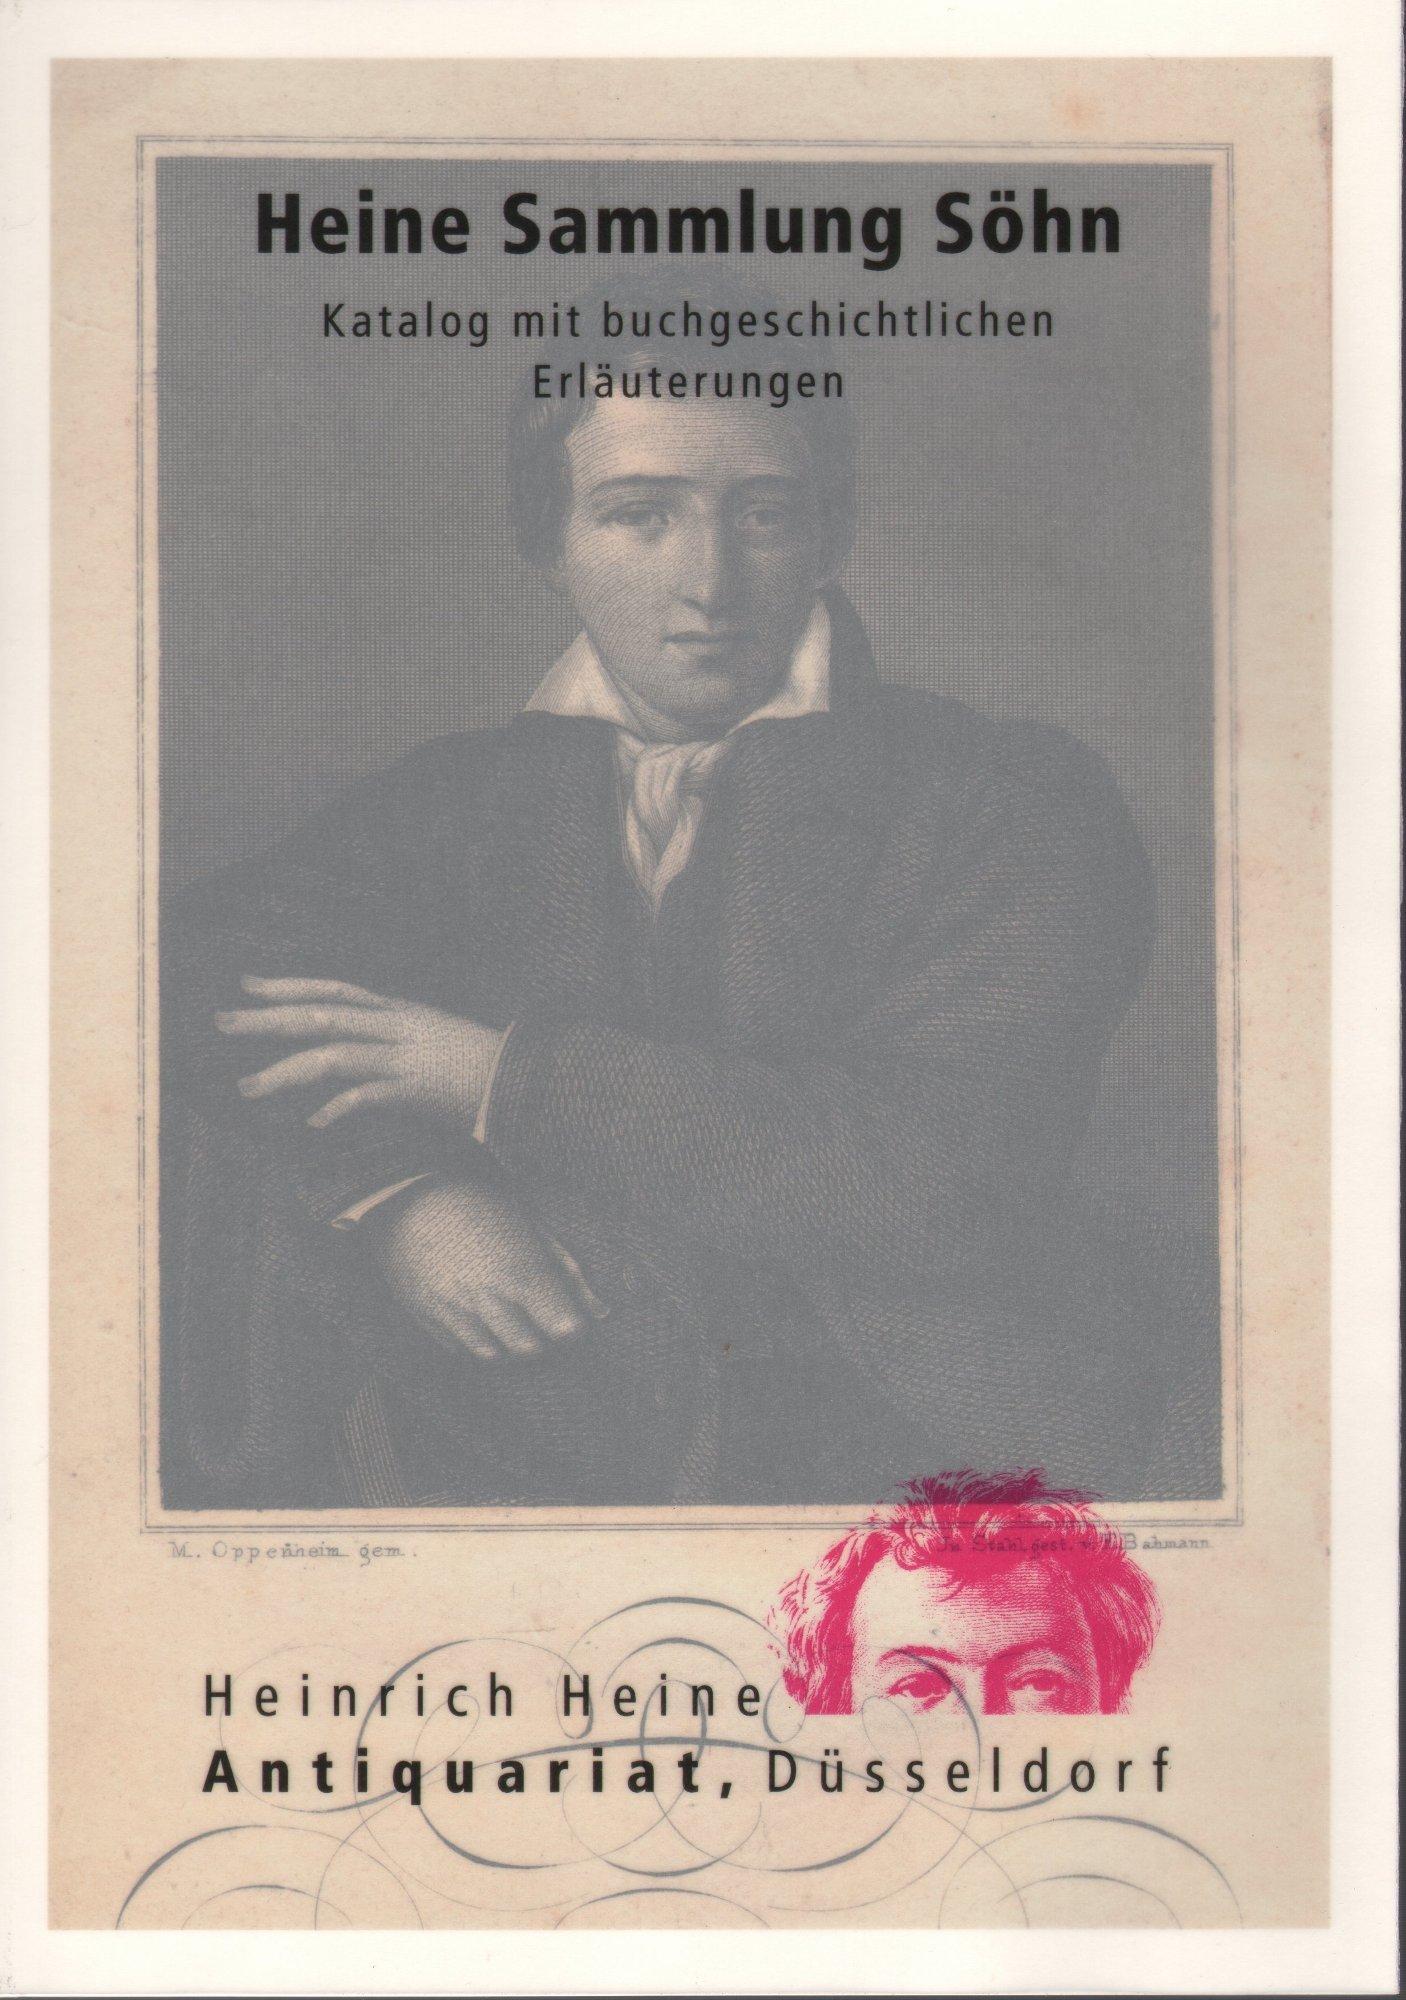 Katalog der Heinrich Heine Sammlung Söhn (HSS). a300102229